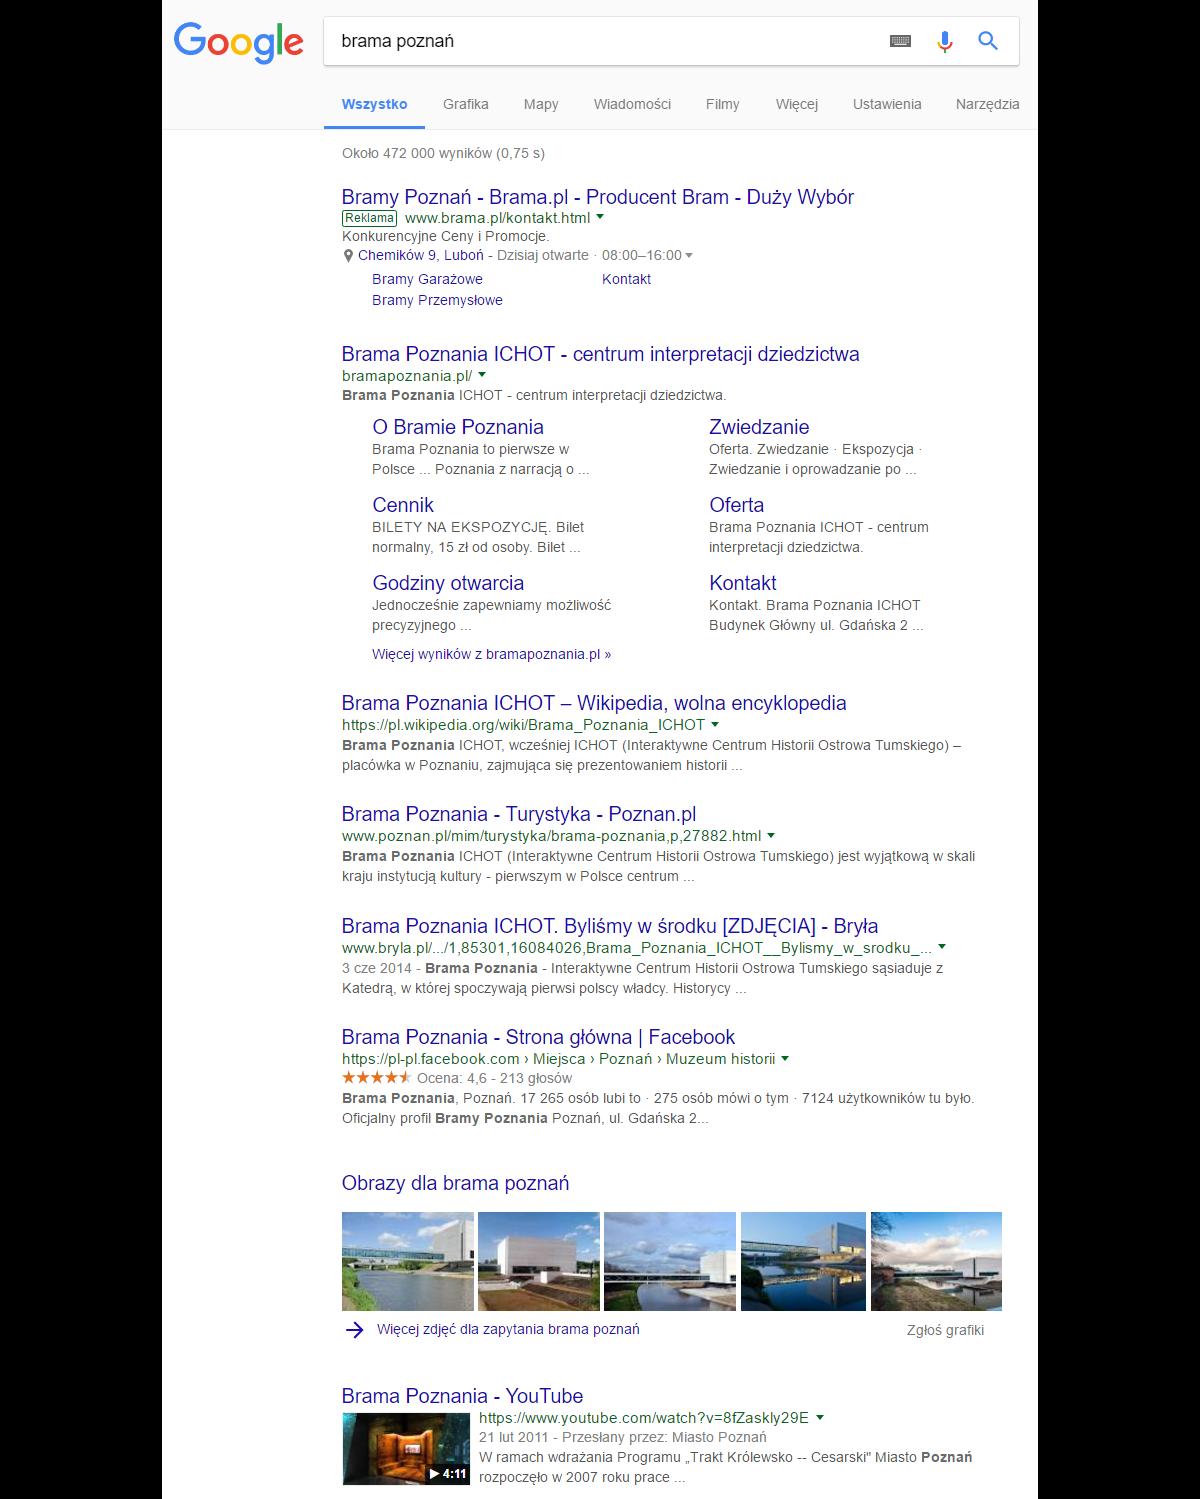 553793647 Wystarczy w takim wypadku wpisać frazę w wyszukiwarkę jako brama Poznań  -muzeum, a w top 10 otrzymamy tylko producentów bram z Poznania.